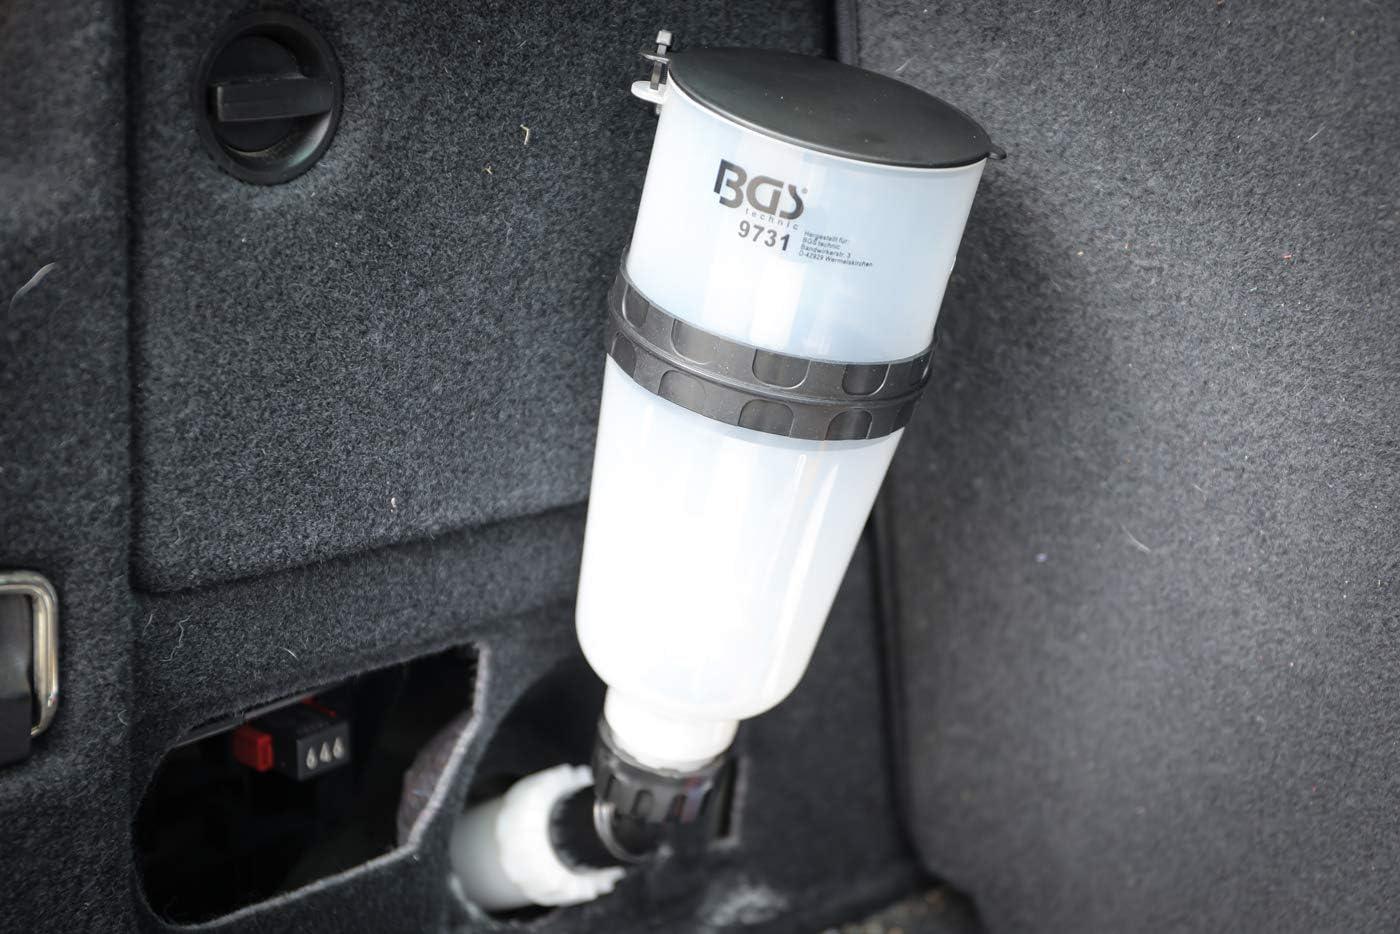 geeignet f/ür alle Fahrzeuge f/ür Harnstoff Trichter // Einf/üllhilfe f/ür AdBlue BGS 9702 Einf/ülltrichter | gerade AUS 32